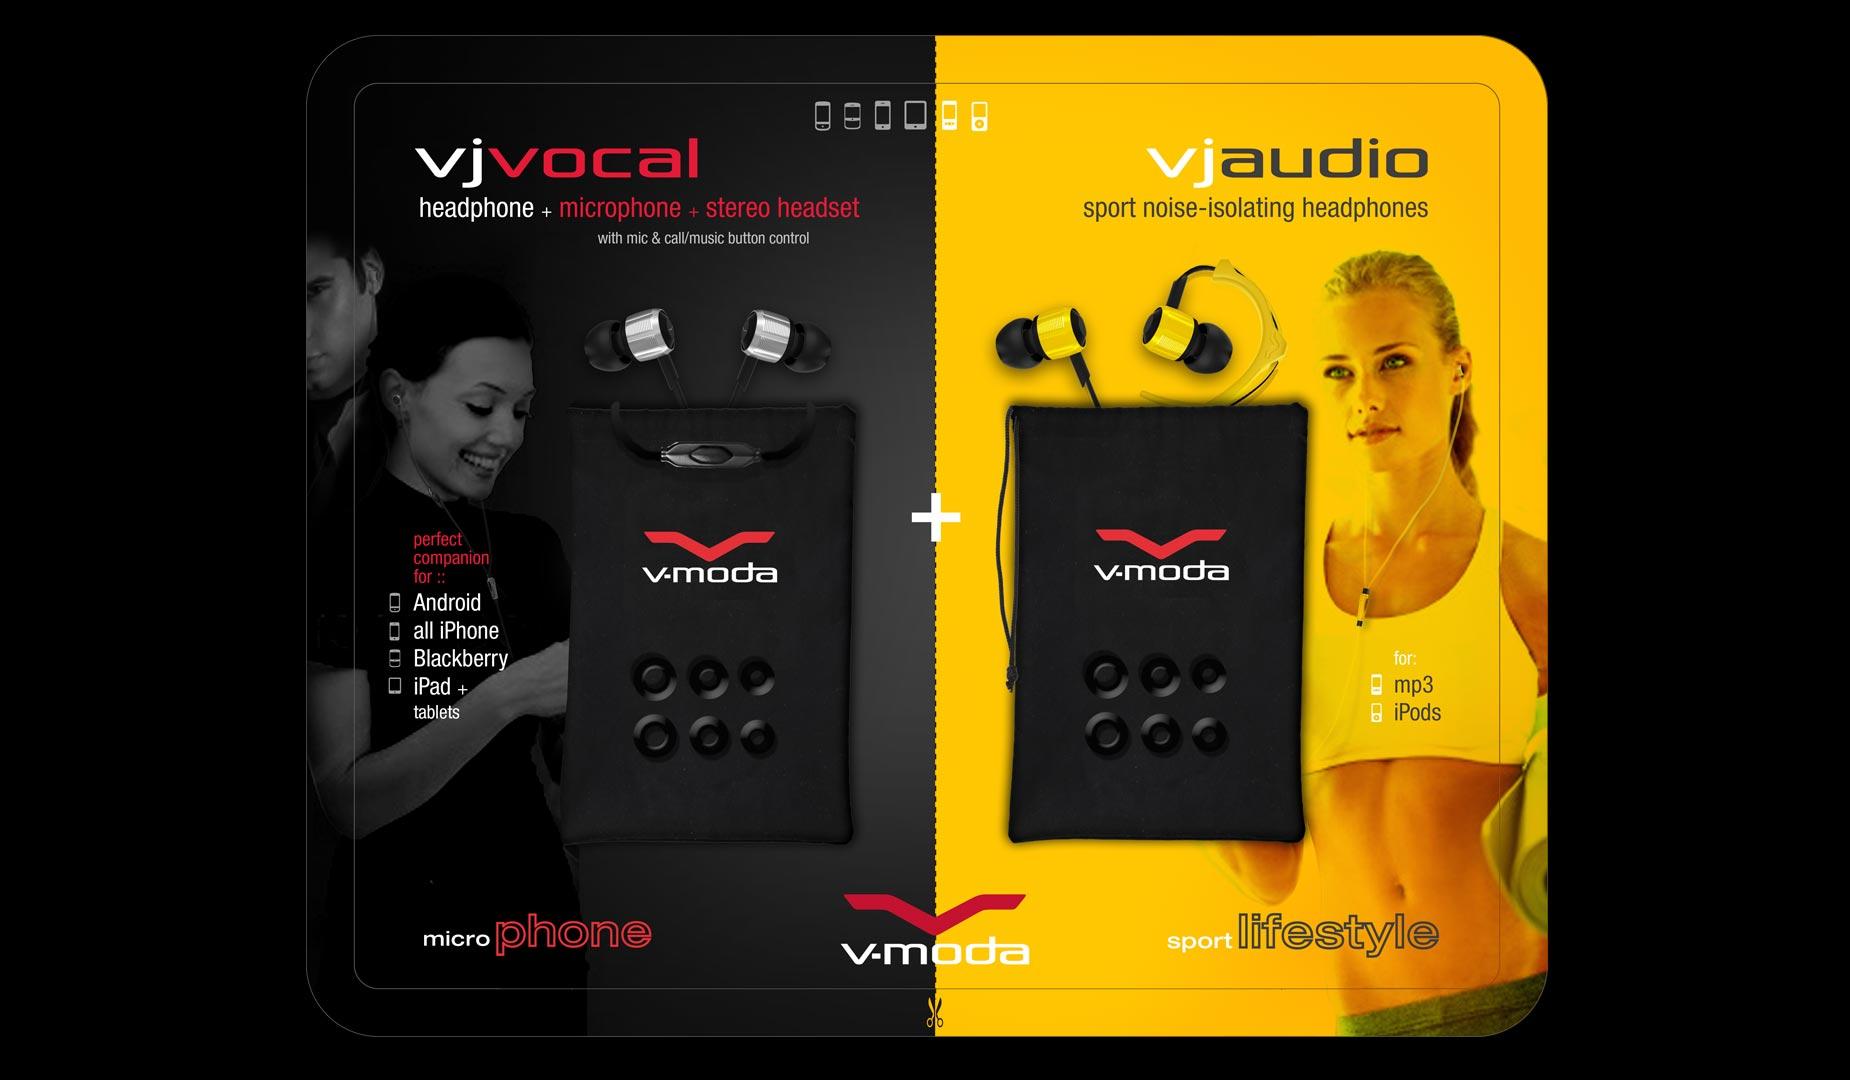 Costco V-MODA VJ Packaging